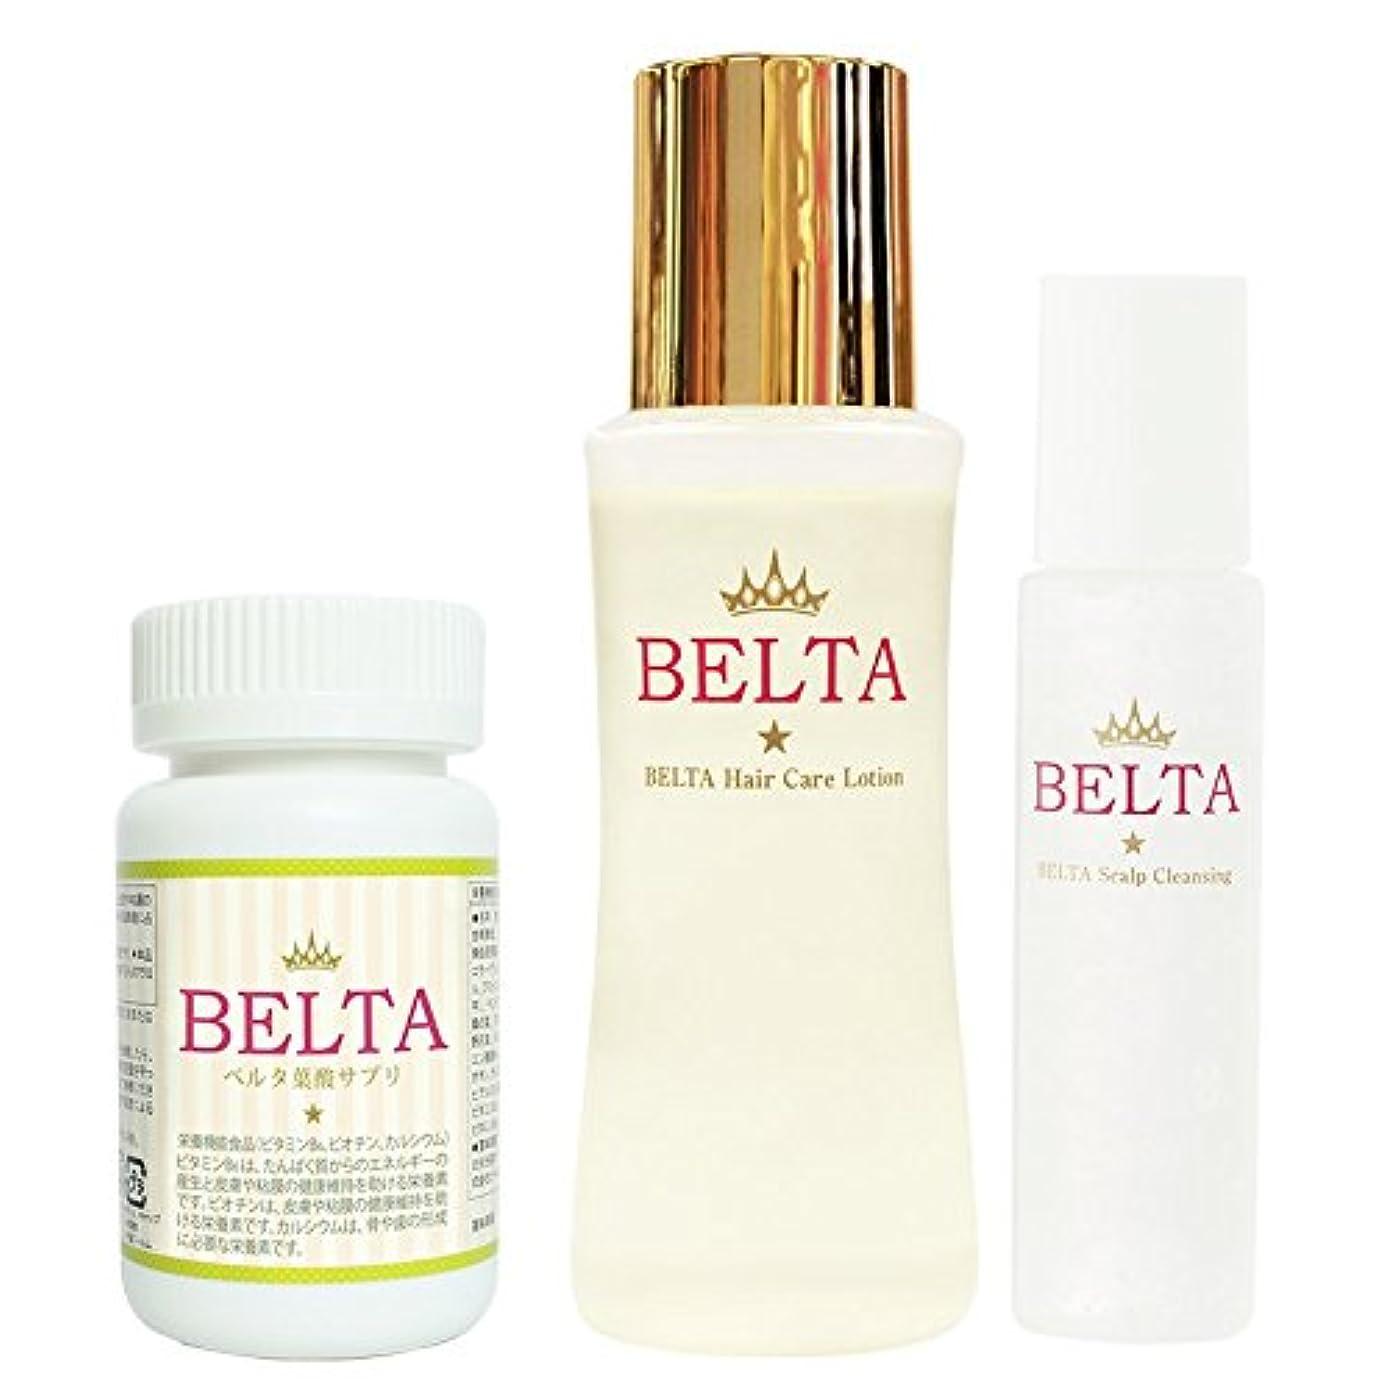 立ち寄る批判的にトーストBELTA ベルタ葉酸サプリ1個+ベルタヘアローション 1本、ベルタ頭皮クレンジング 1本